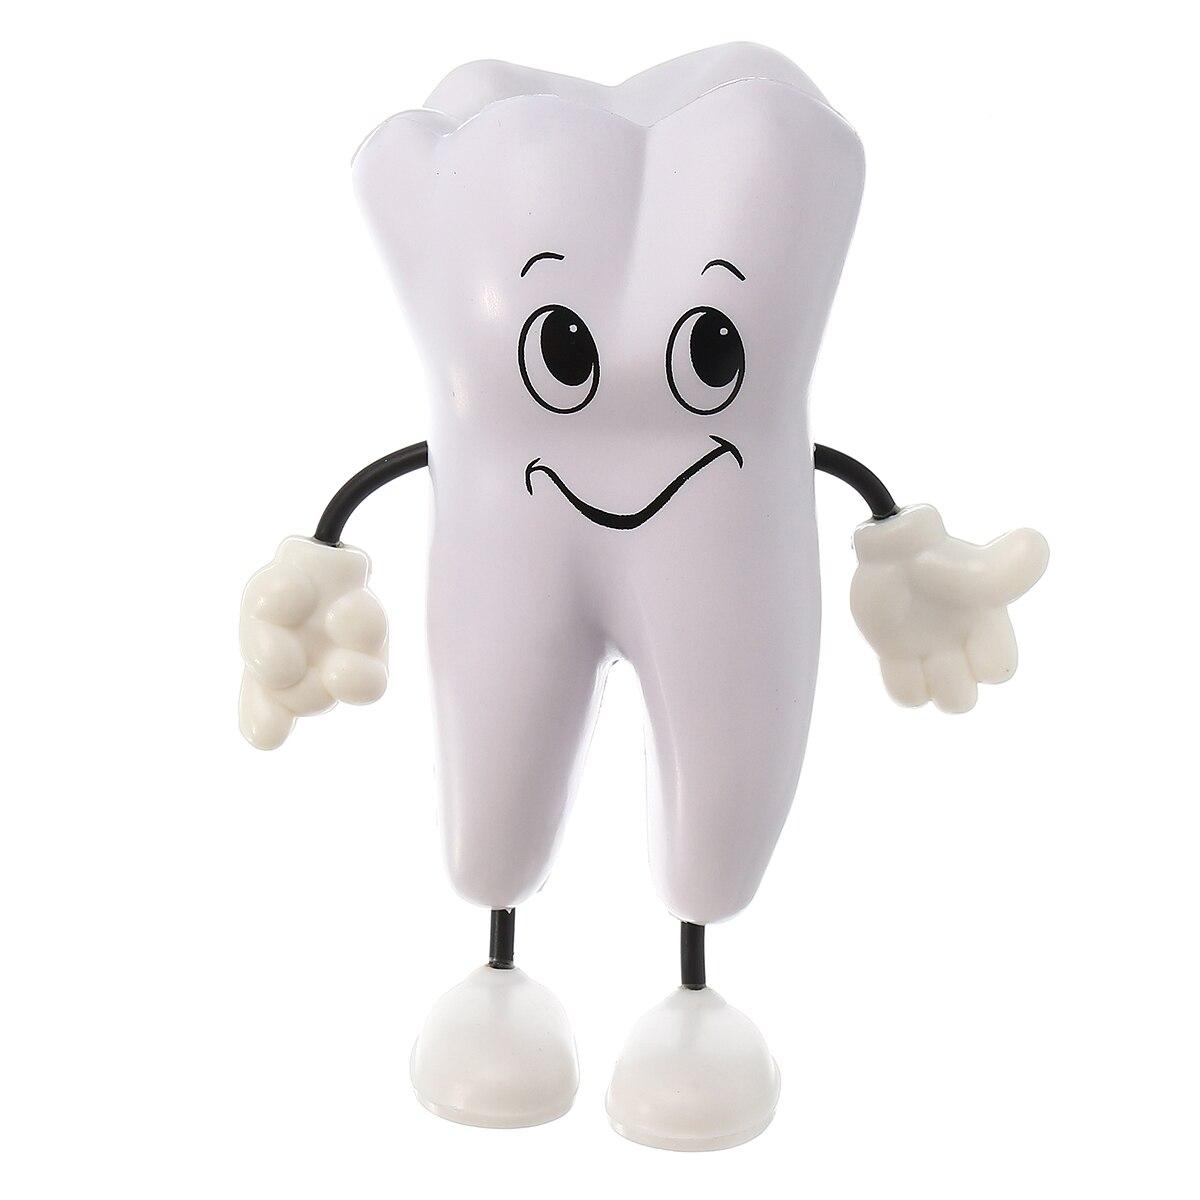 1 Pc Dent-figure Compression Jouet Doux PU Mousse Dent Modèle Forme Kawaii Clinique Dentaire Dentisterie Article Promotionnel Dentiste cadeau